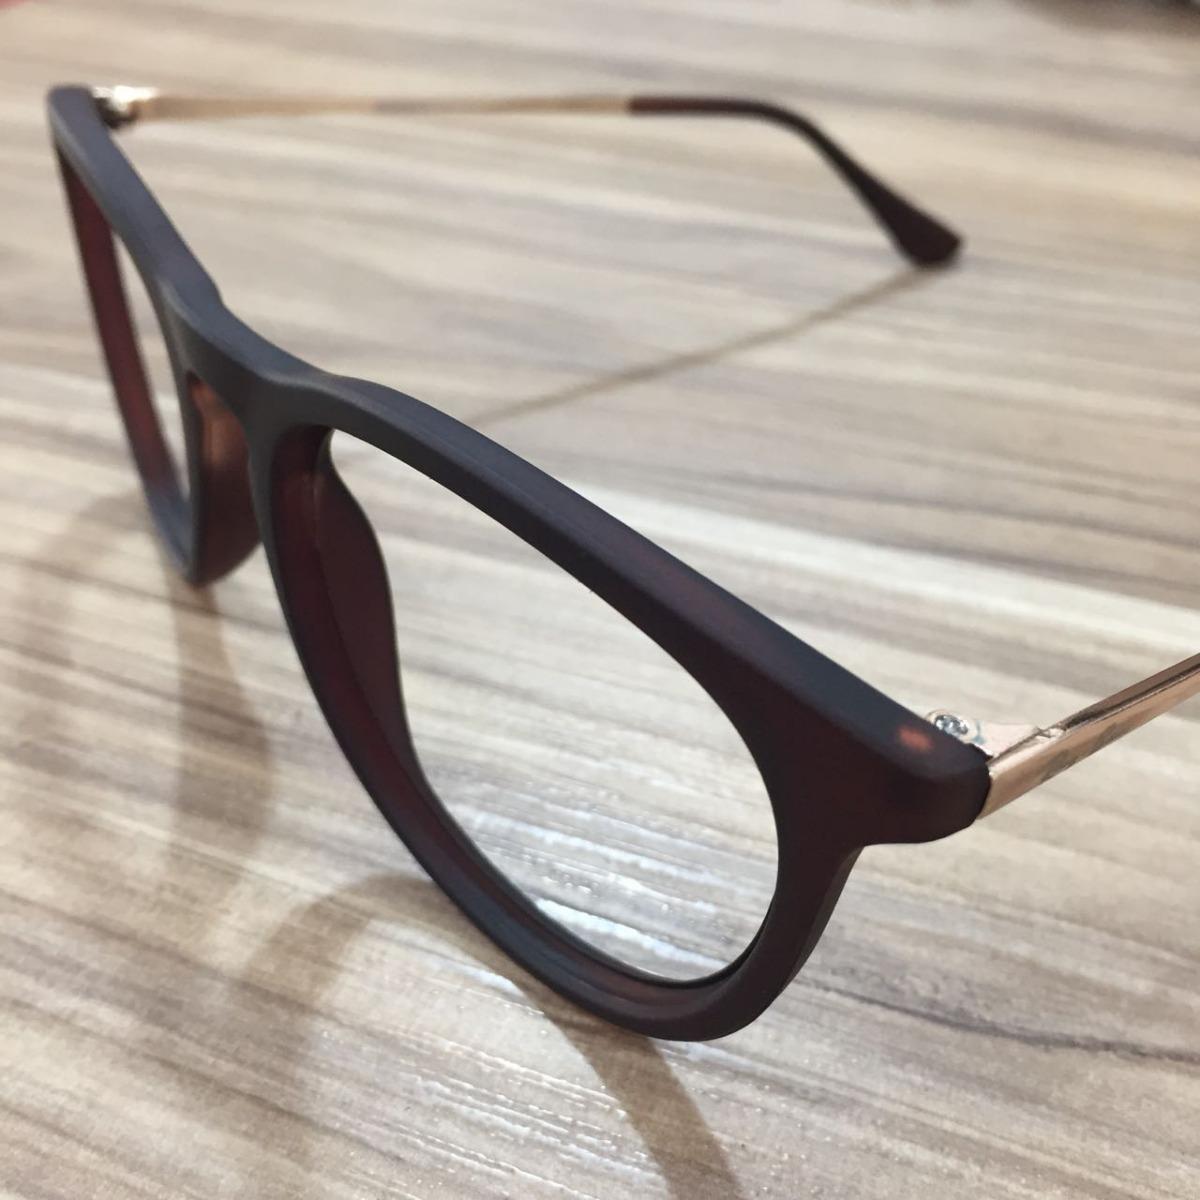 armação óculos grau feminino masculino redondo erika geek. Carregando zoom. 0bfc8529dc